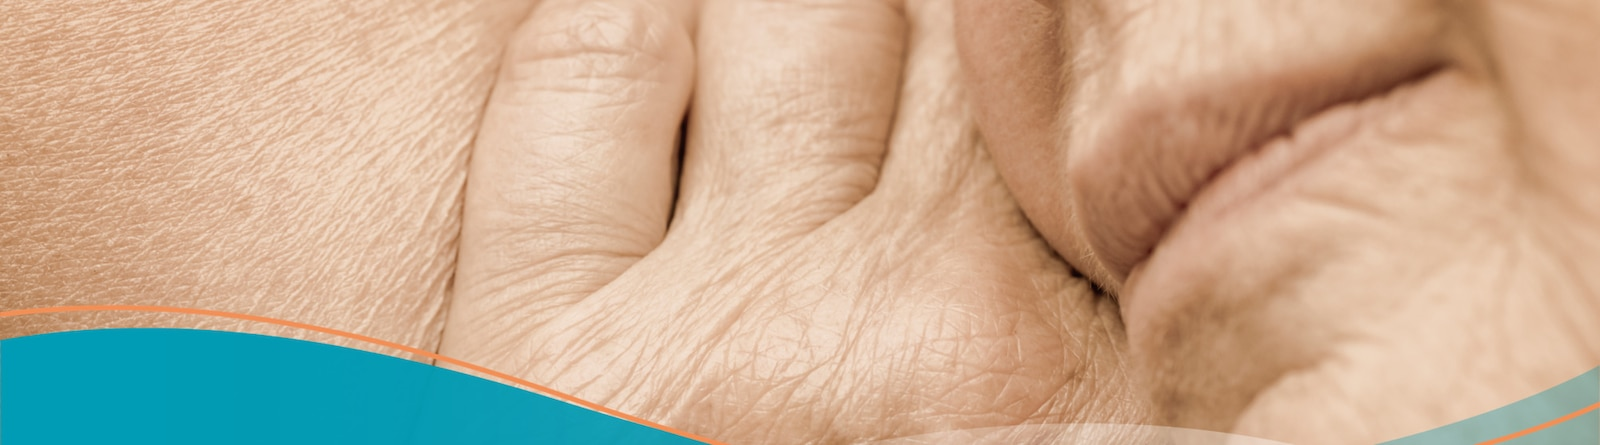 TENA ProSkin est accrédité par la Skin Health Alliance